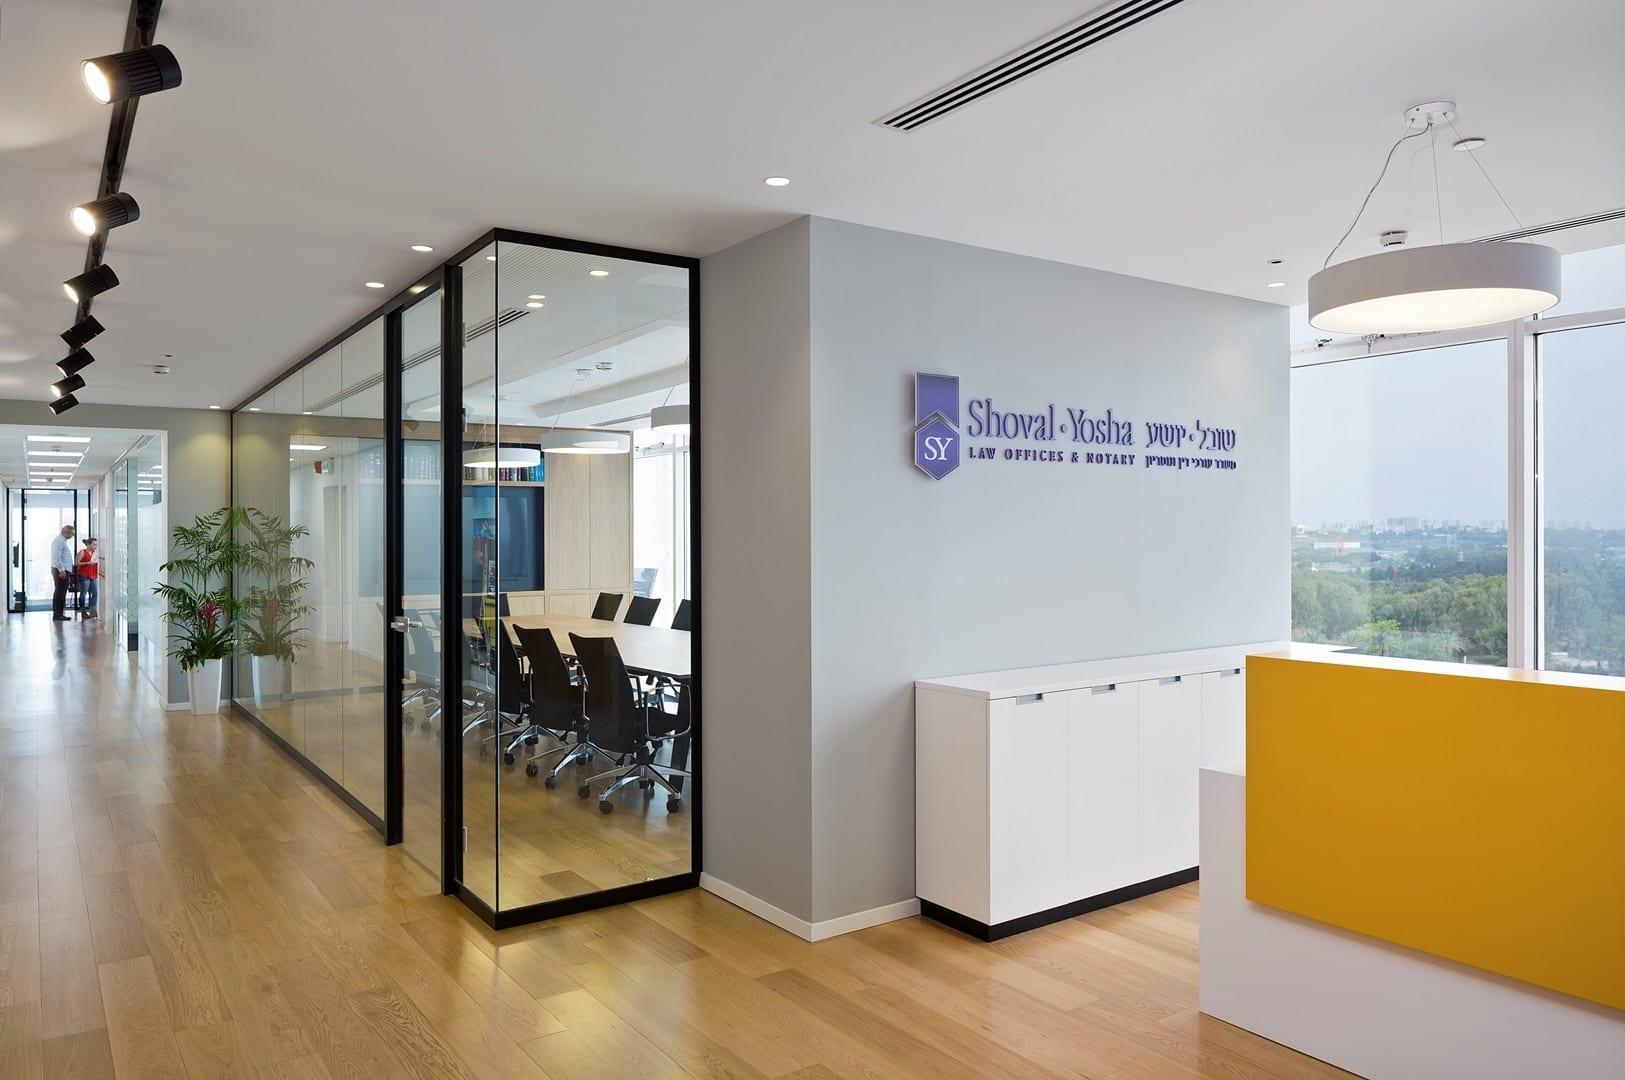 עיצוב משרדי עורכי דין שובל-יושע - חגי נגר אדריכלים